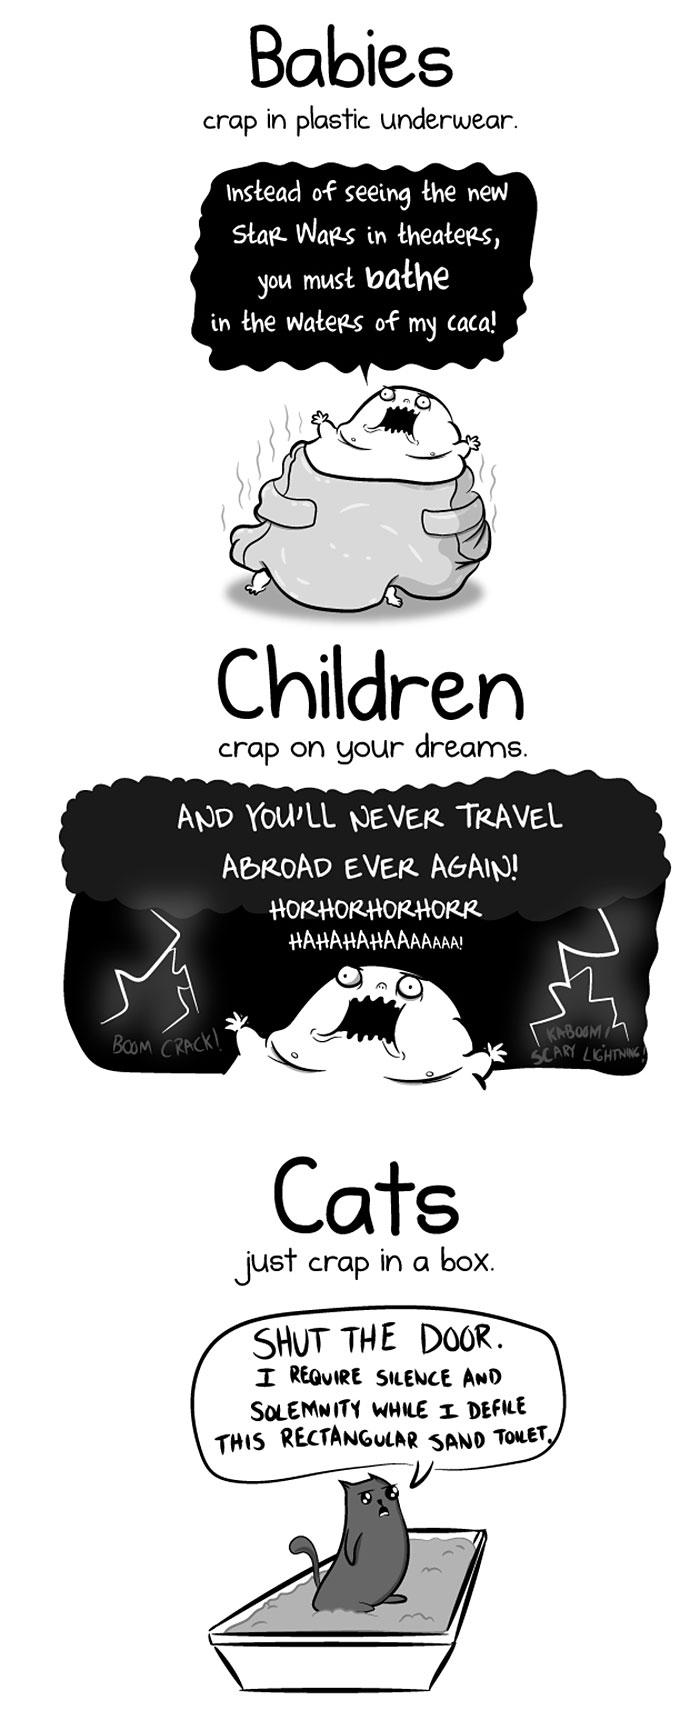 baby-vs-cat-oatmeal-comics-3